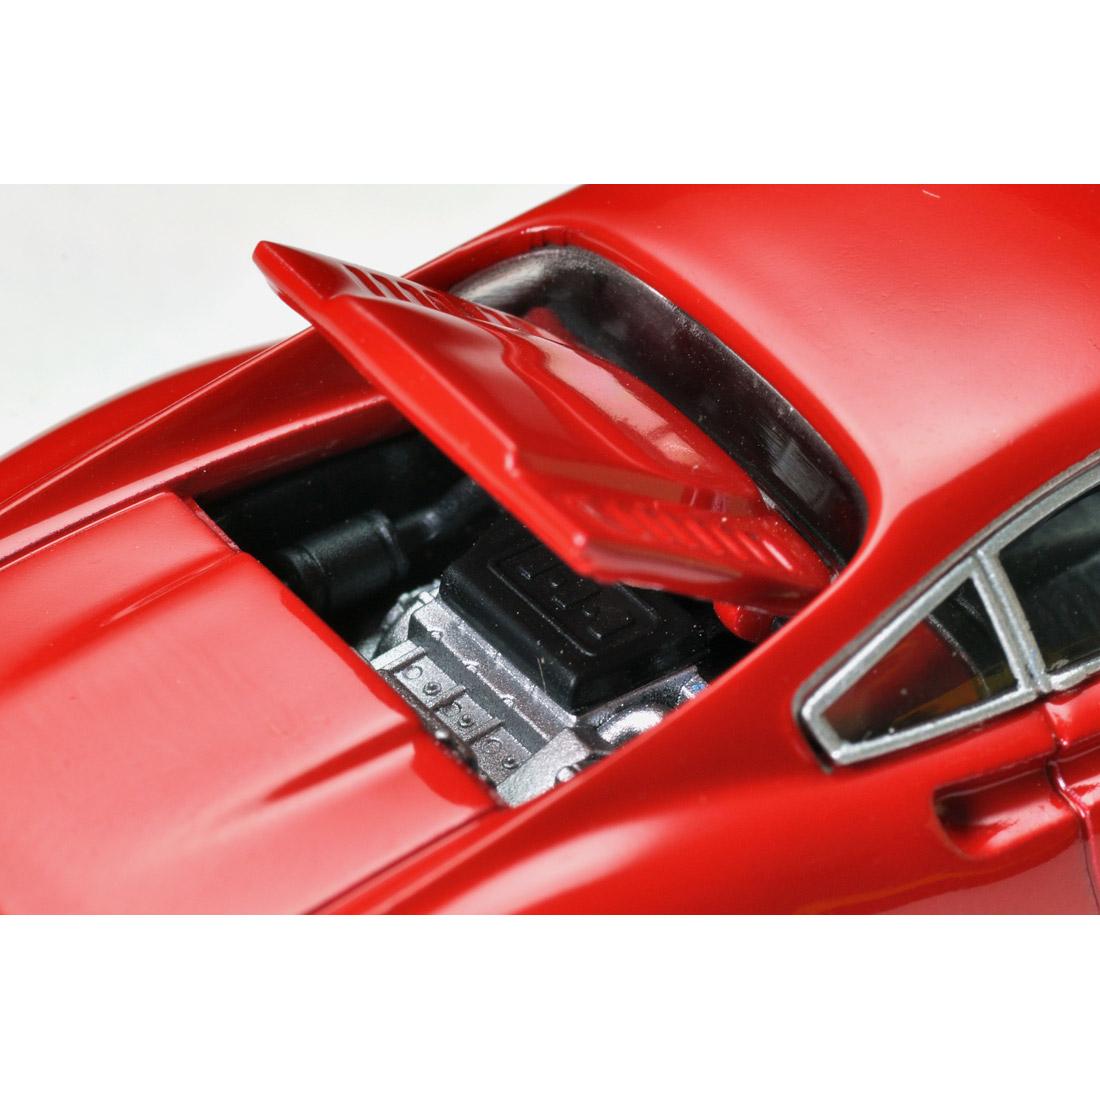 トミカリミテッドヴィンテージ TLV『ディーノ246GT(赤)』ミニカー-009